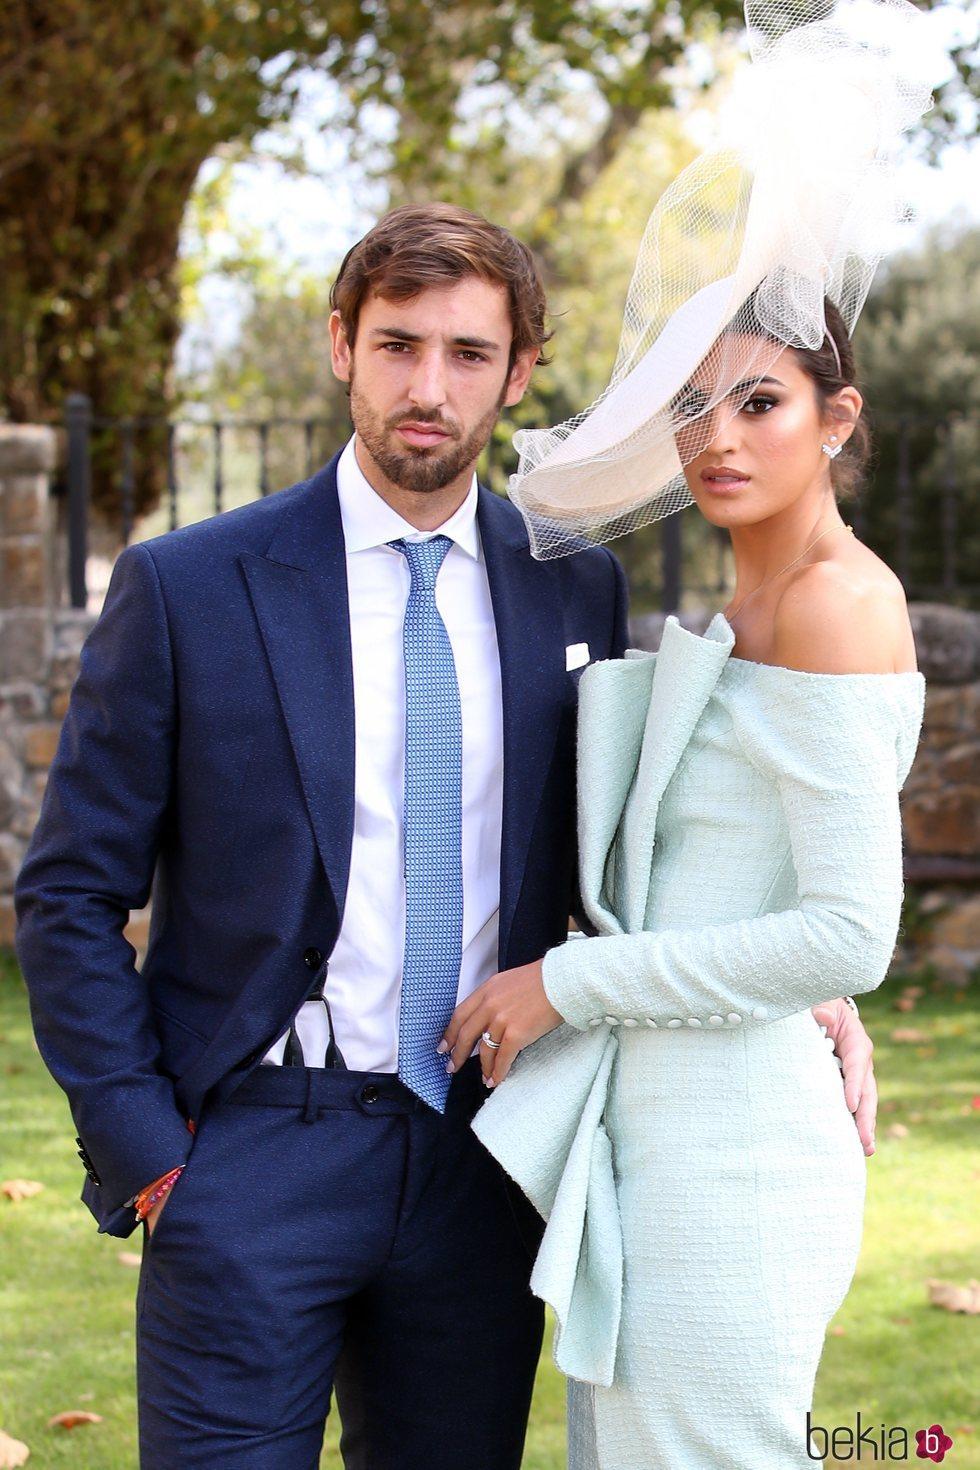 Marta Lozano y su pareja en la boda de Marta Pombo y Luis Giménez